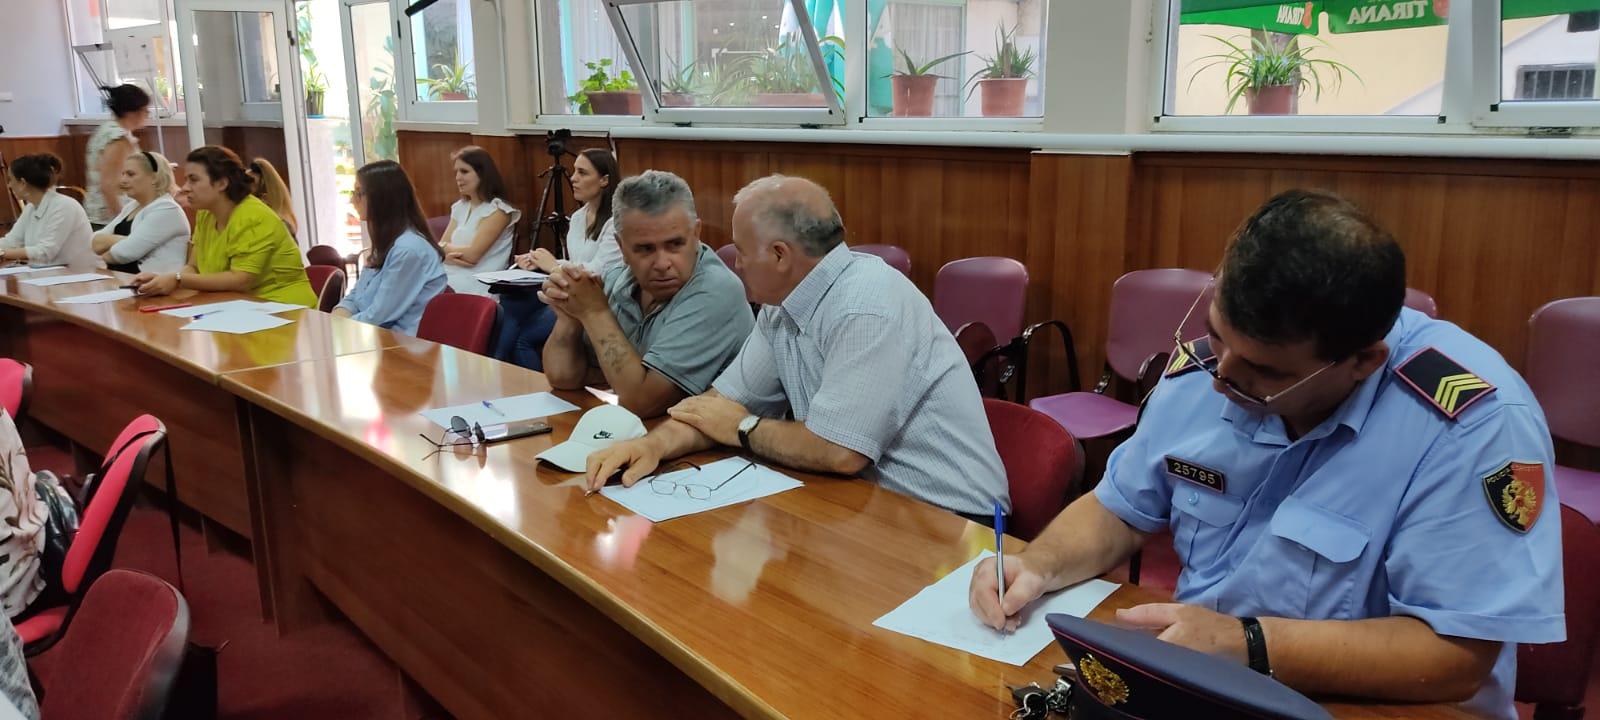 Pogradec mbahet takimi i Këshillit Vendor të Sigurisë Publike